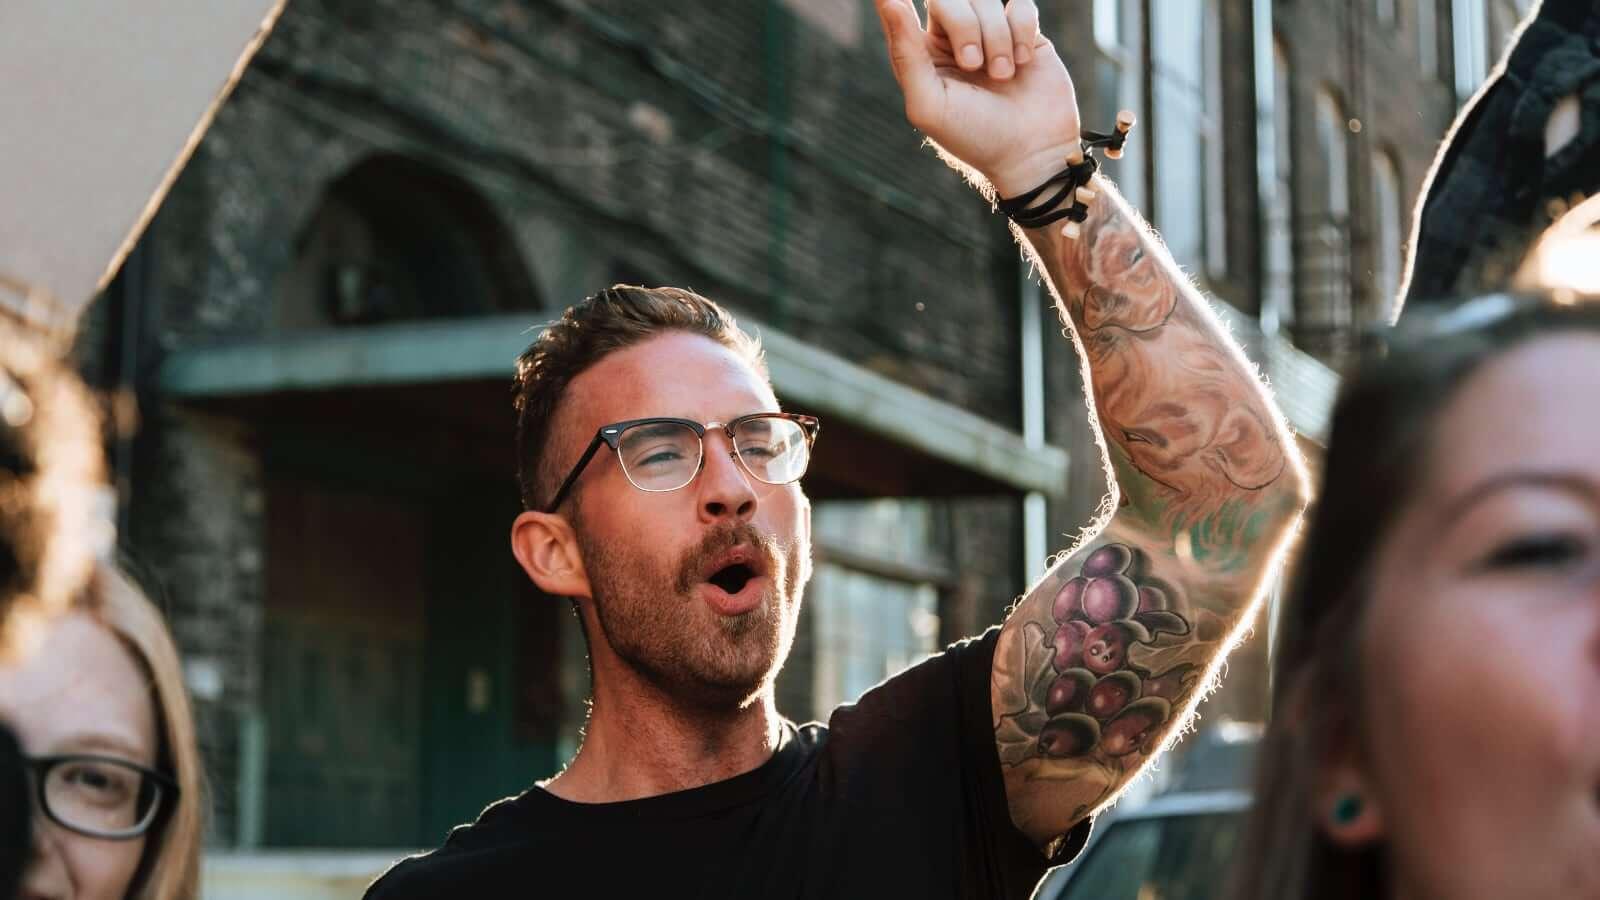 Ung, trendy man rekker tatovert arm i været